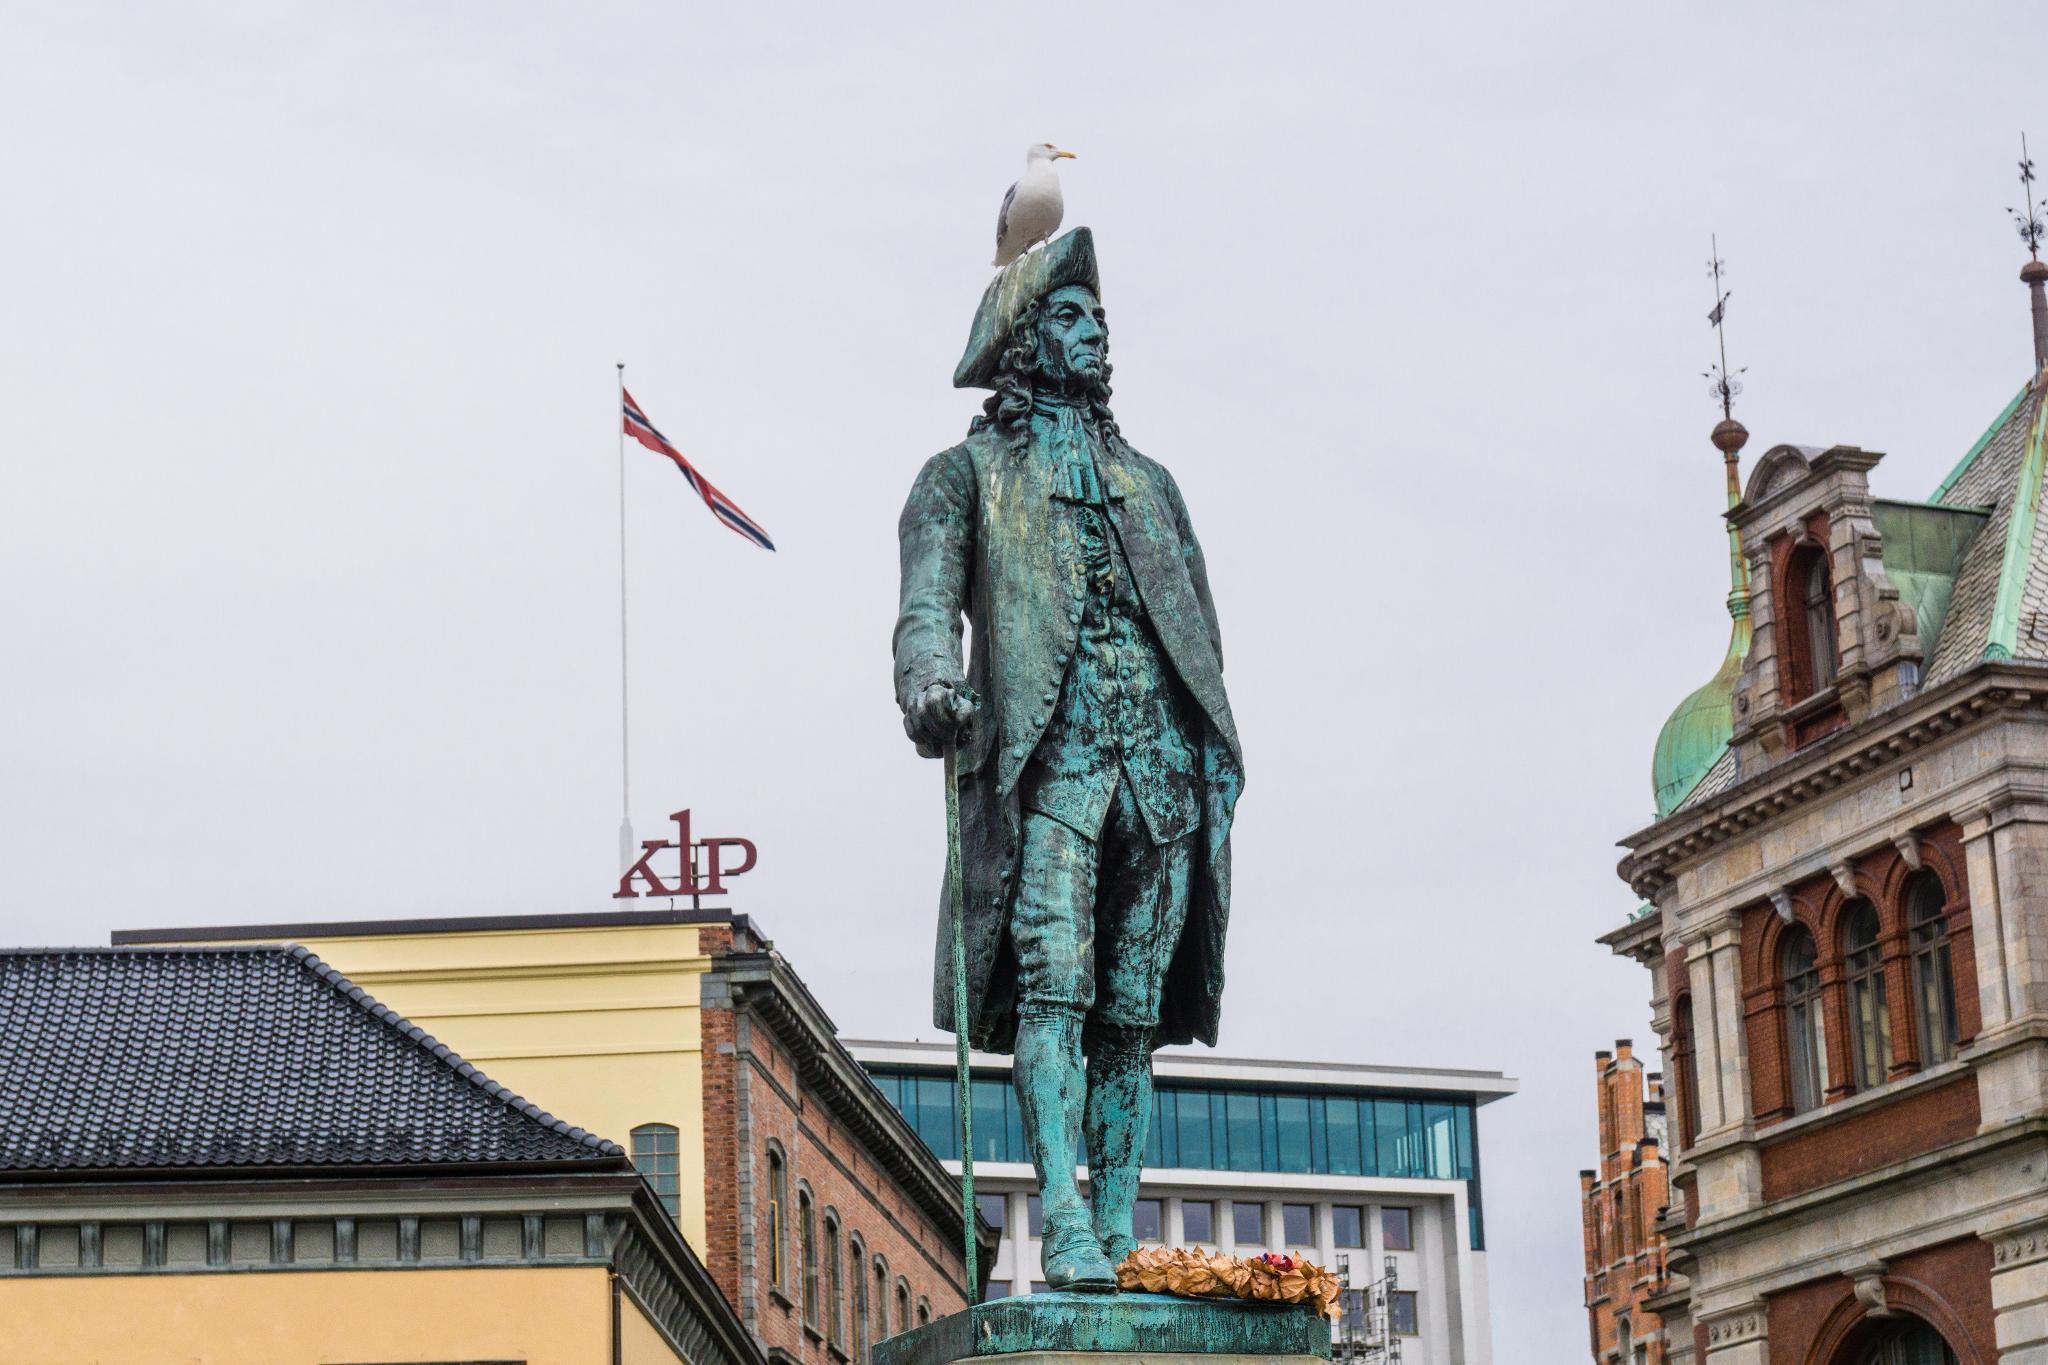 【卑爾根】童話北歐!卑爾根自由行景點全攻略 152